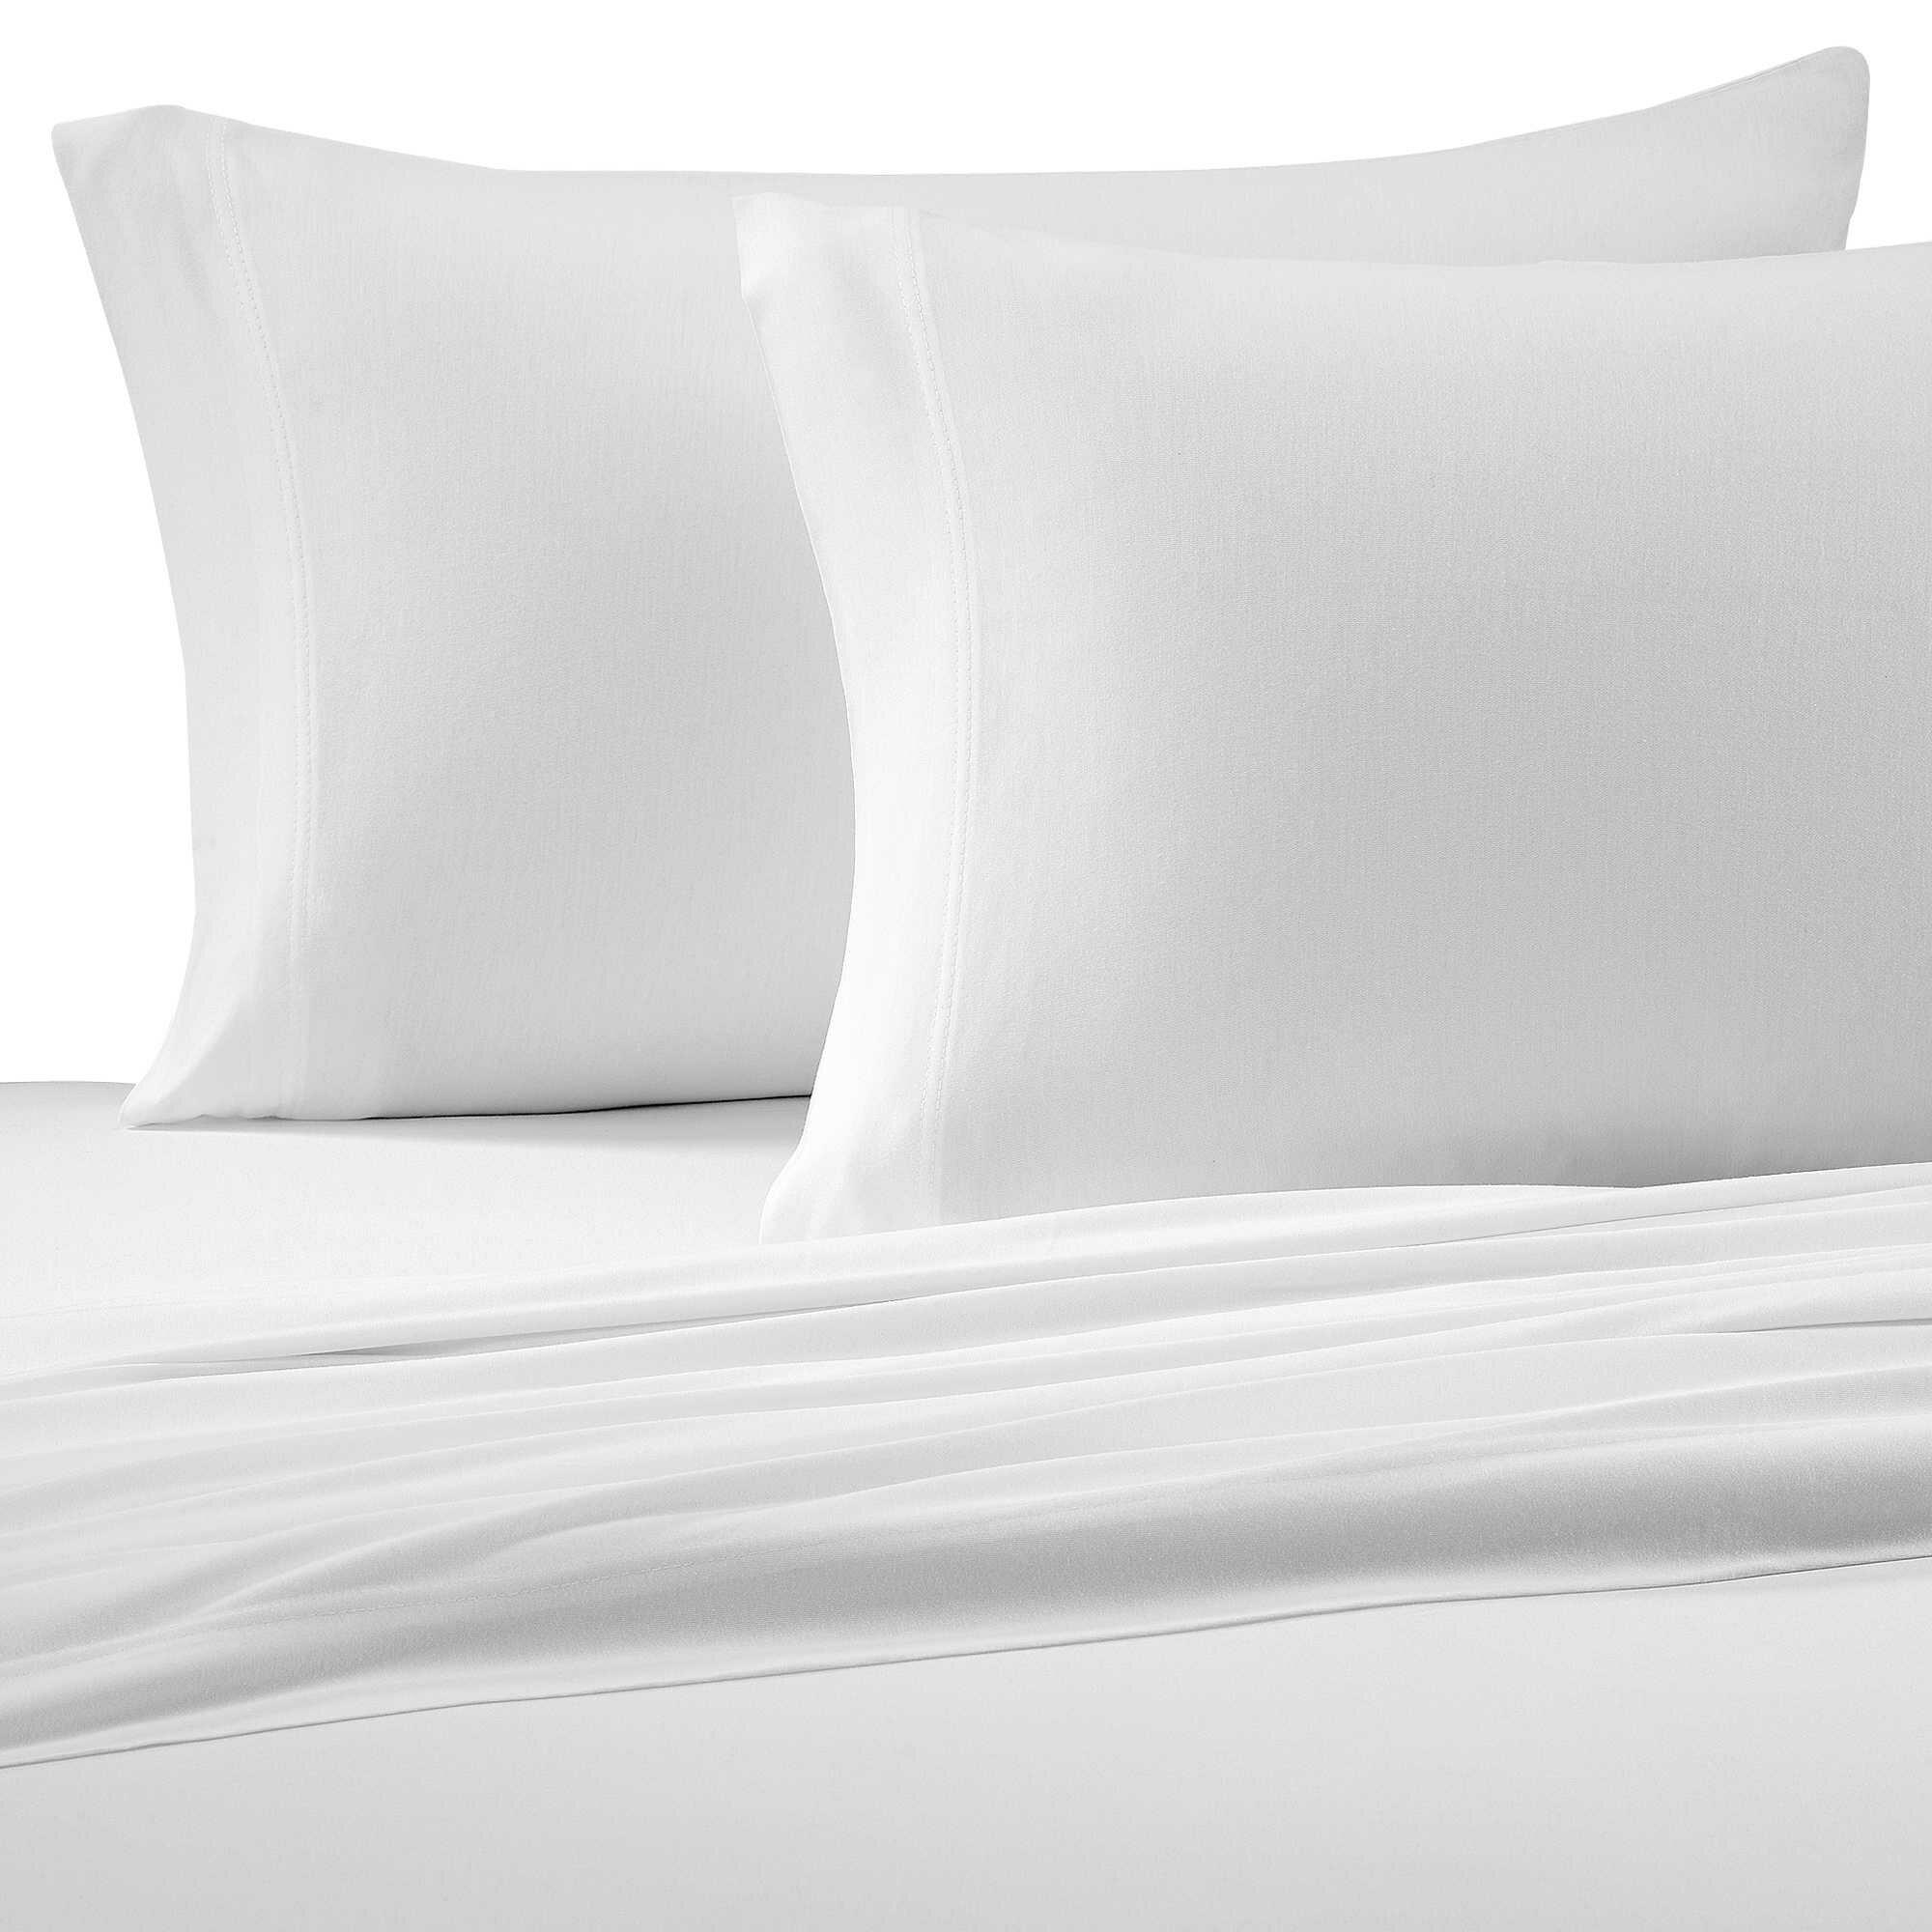 Brielle Jersey Knit 150 Thread Count 100% Cotton Sheet Set U0026 Reviews |  Wayfair